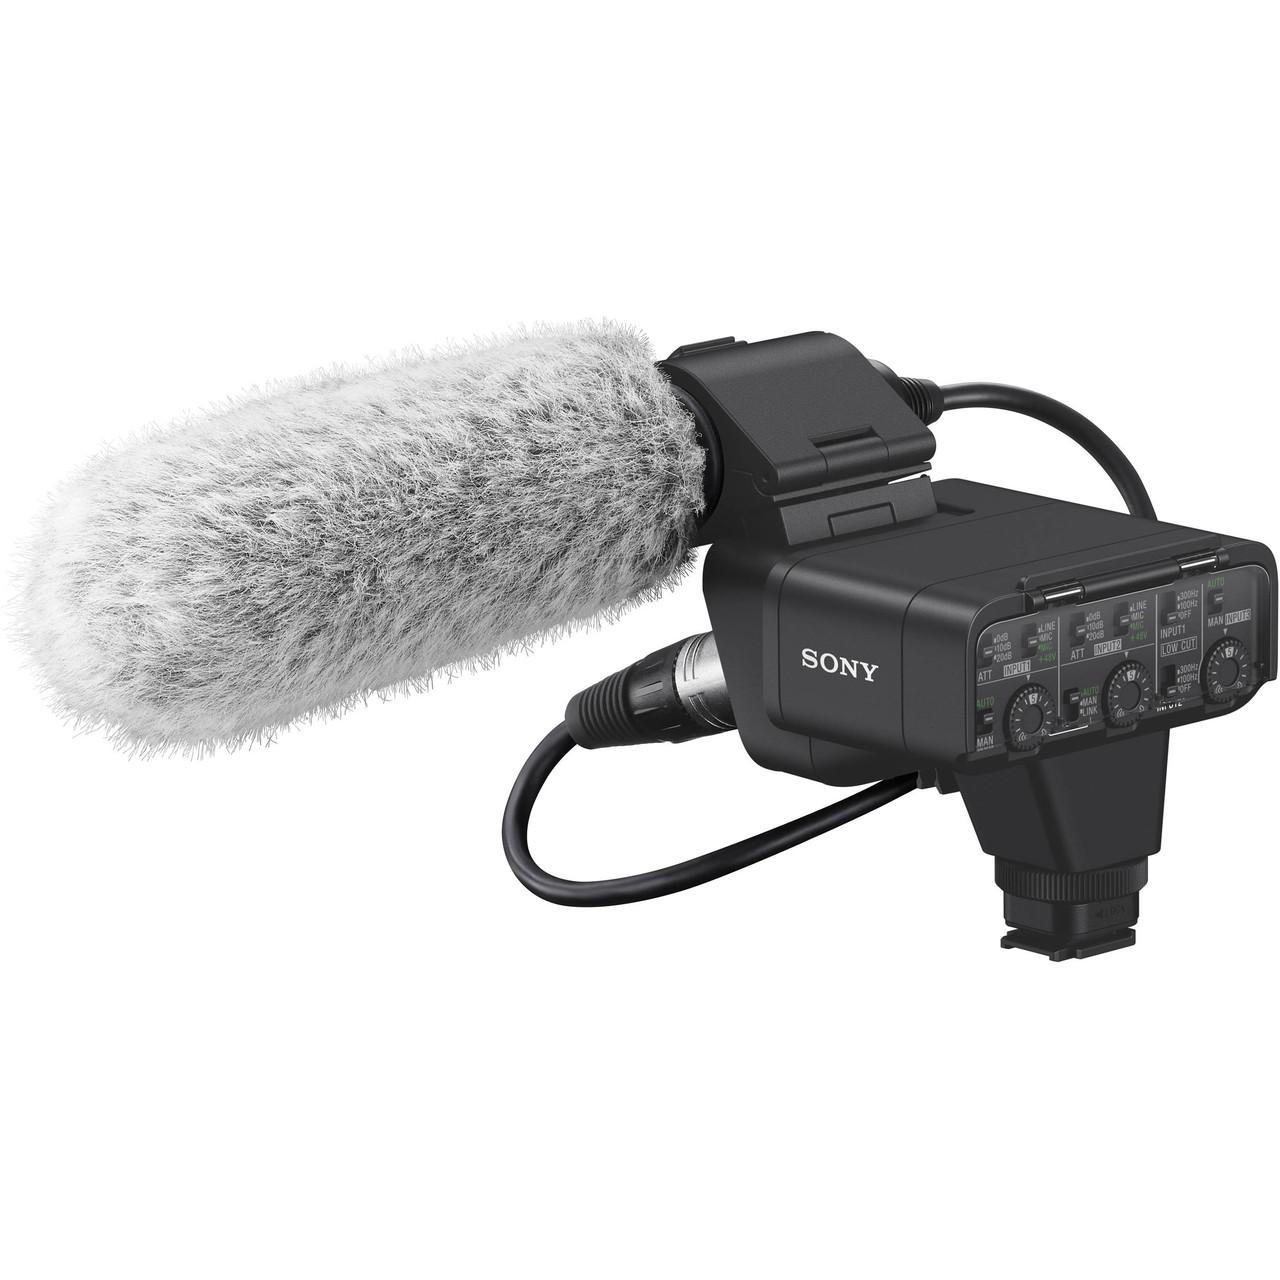 Sony XLR-K3M Dual-Channel Digital XLR Audio Adapter Kit with Shotgun Microphone